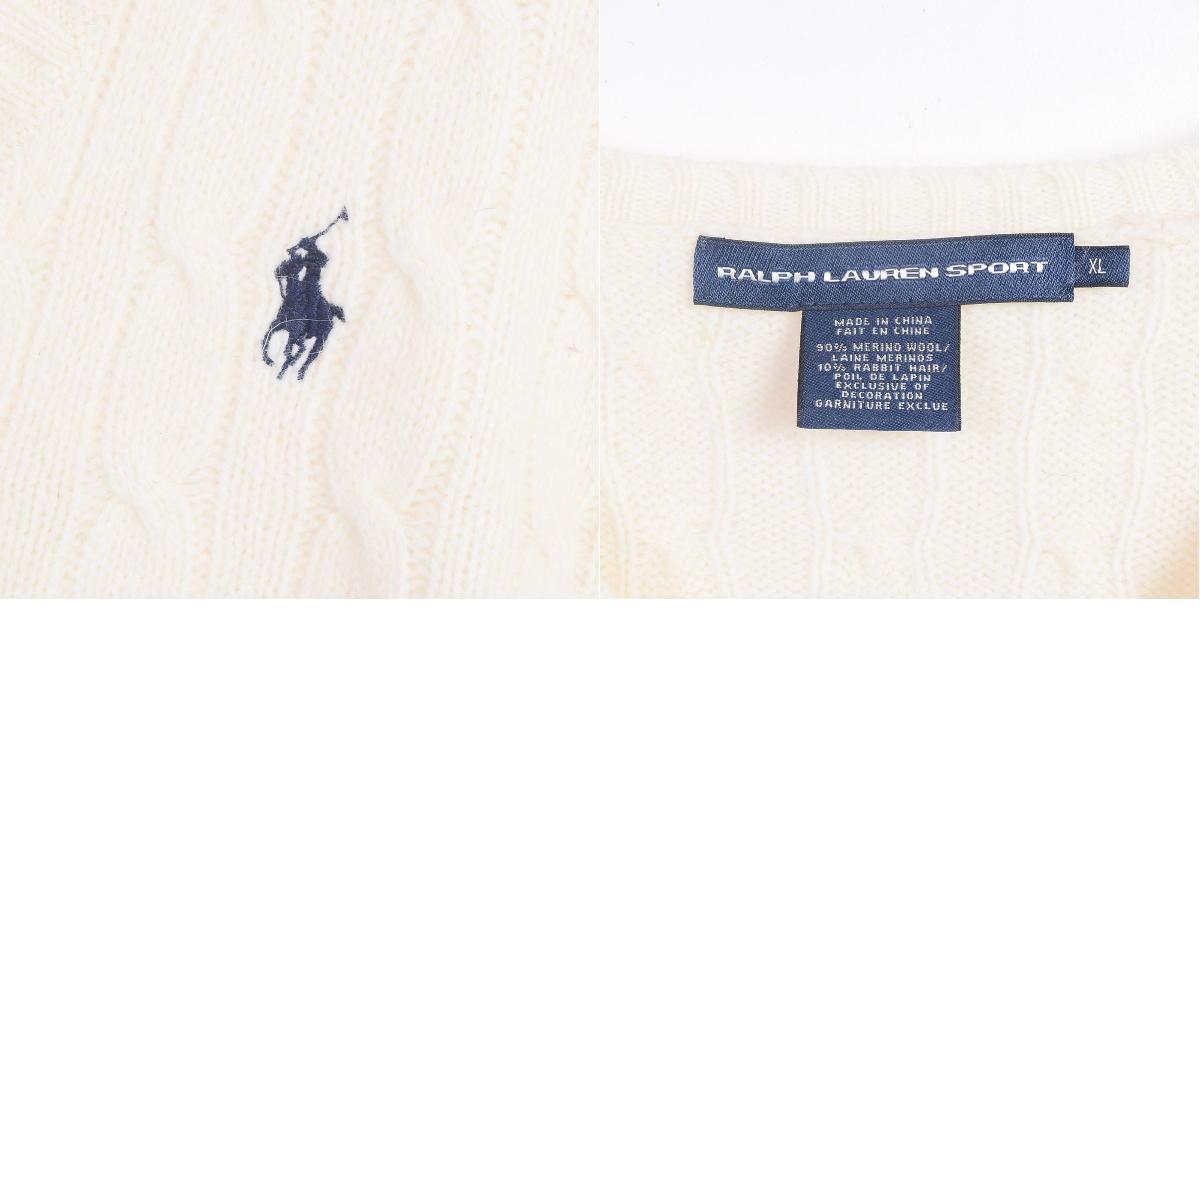 拉尔夫劳伦RALPH LAUREN SPORT V字领电缆制造Rabbit毛混合羊毛编织物毛衣女士L Ralph Lauren/wex9727